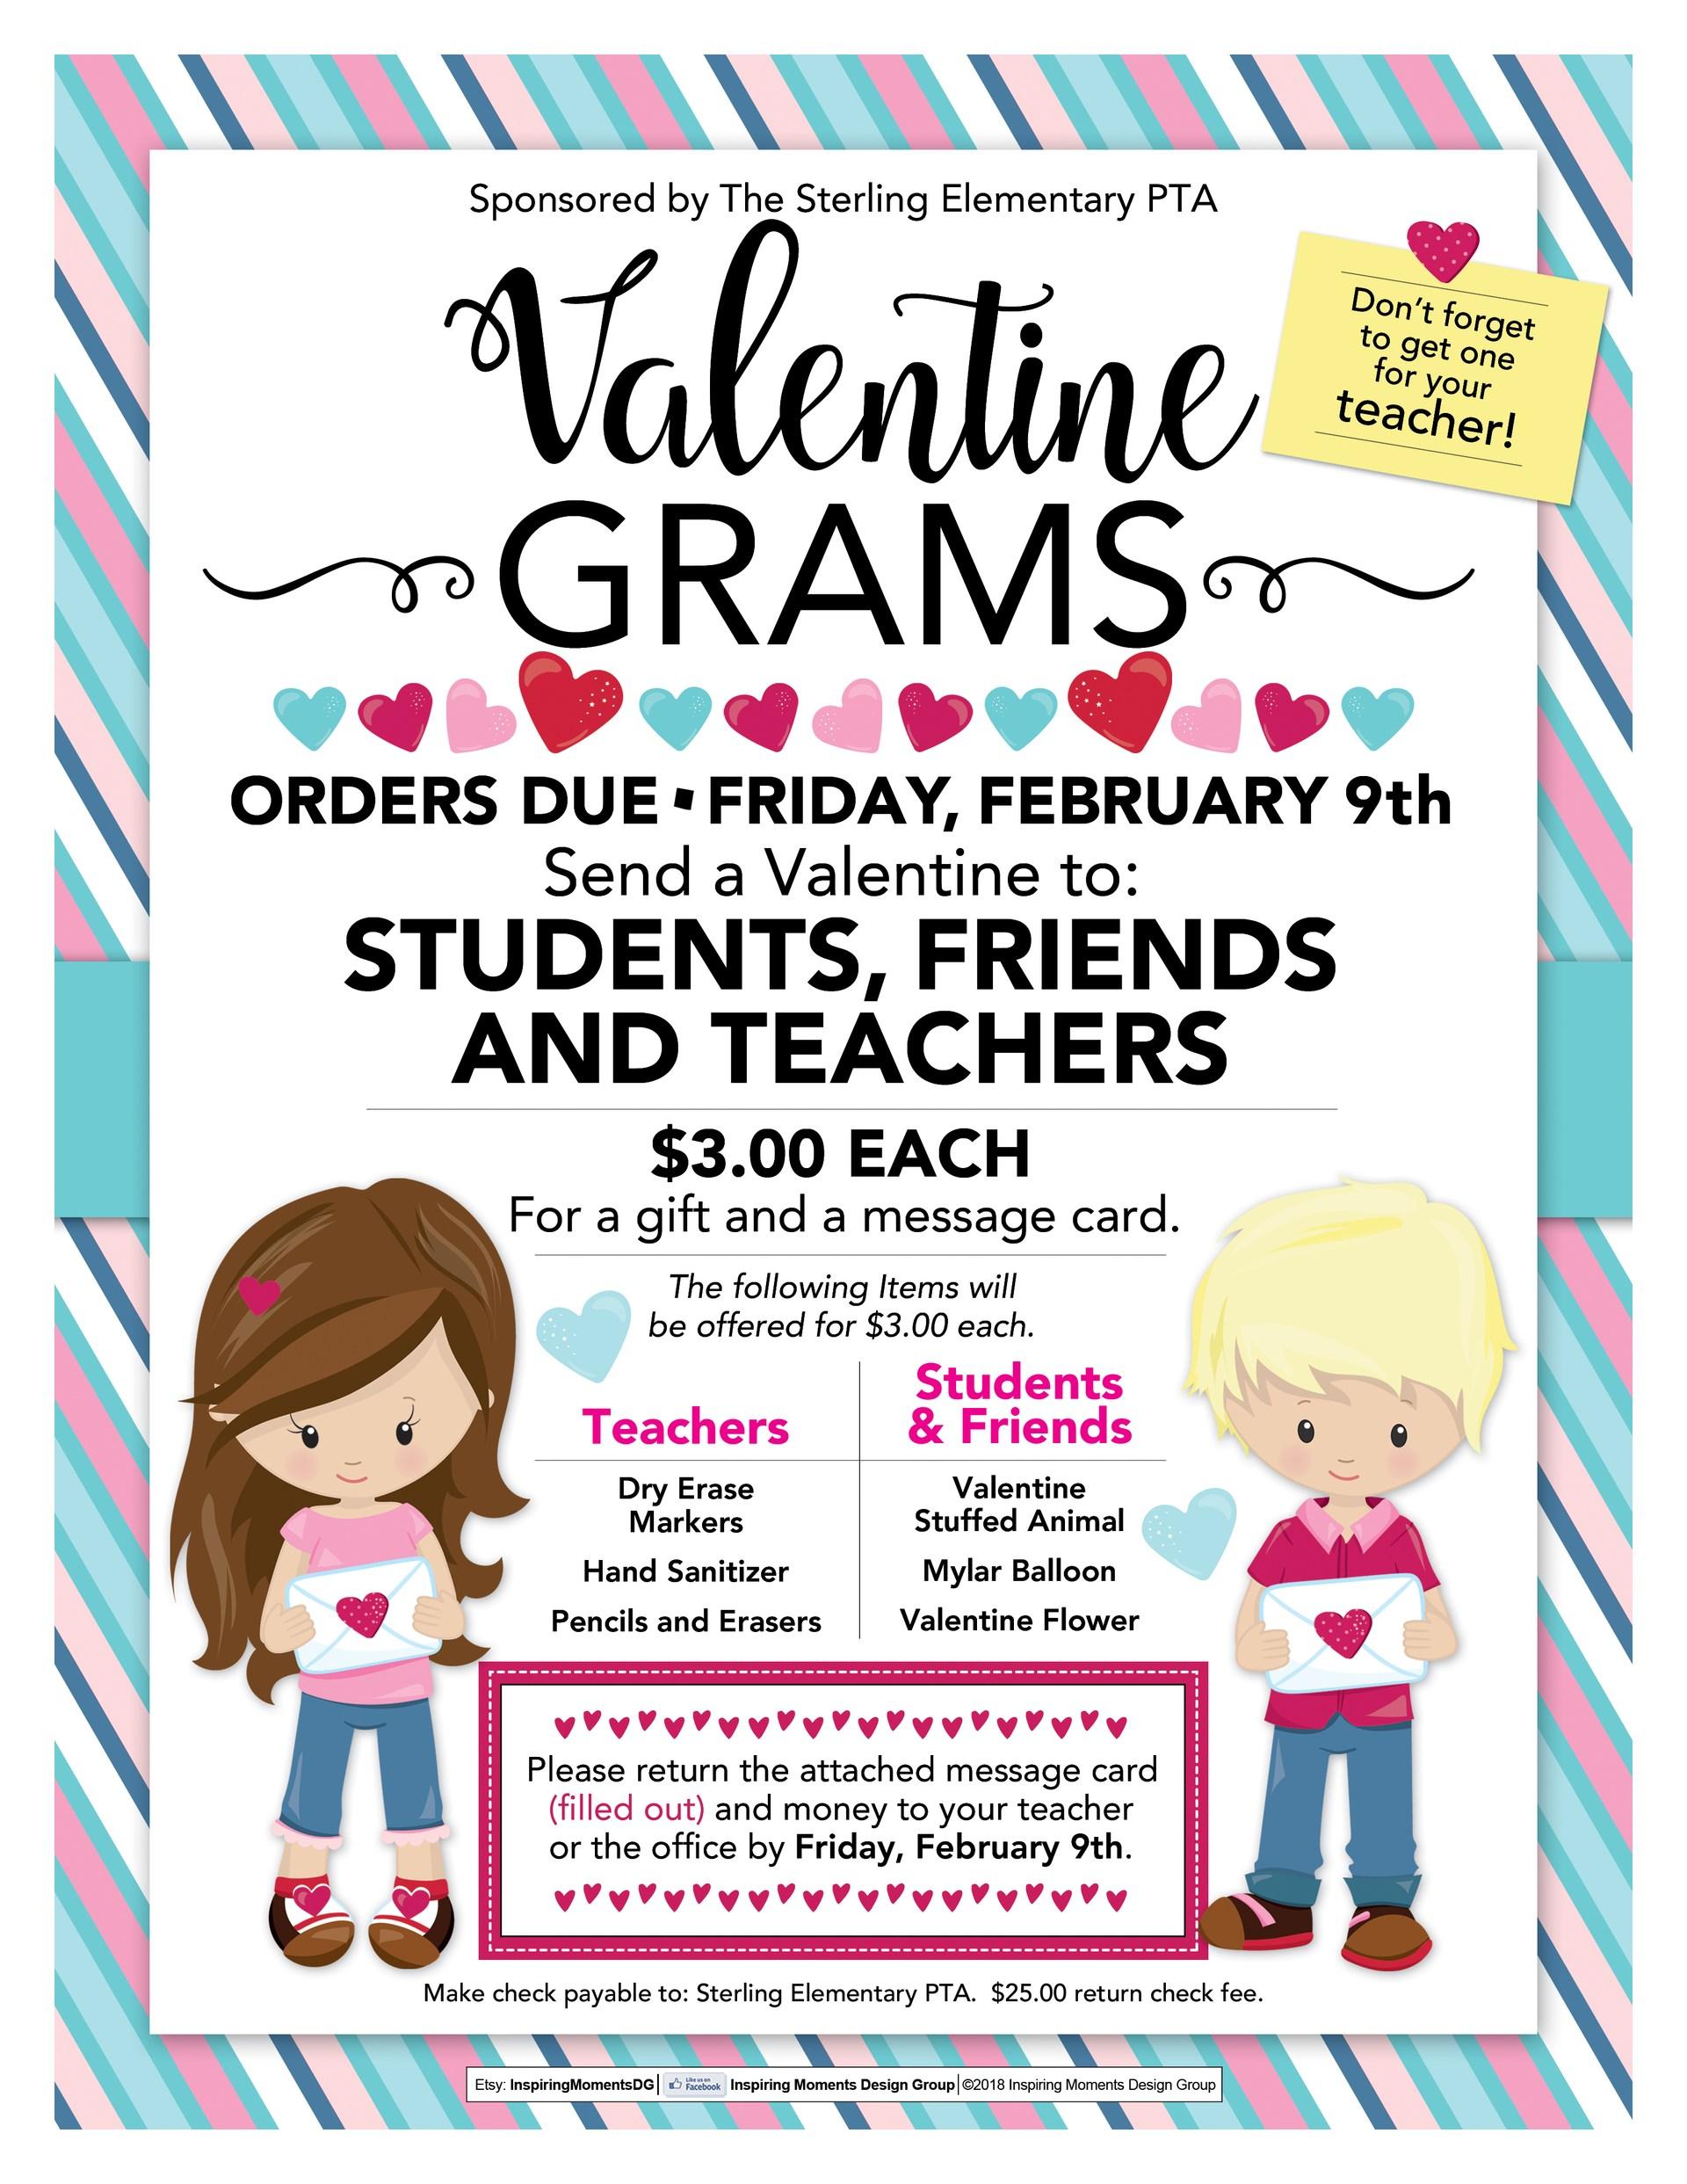 Valentine Grams message